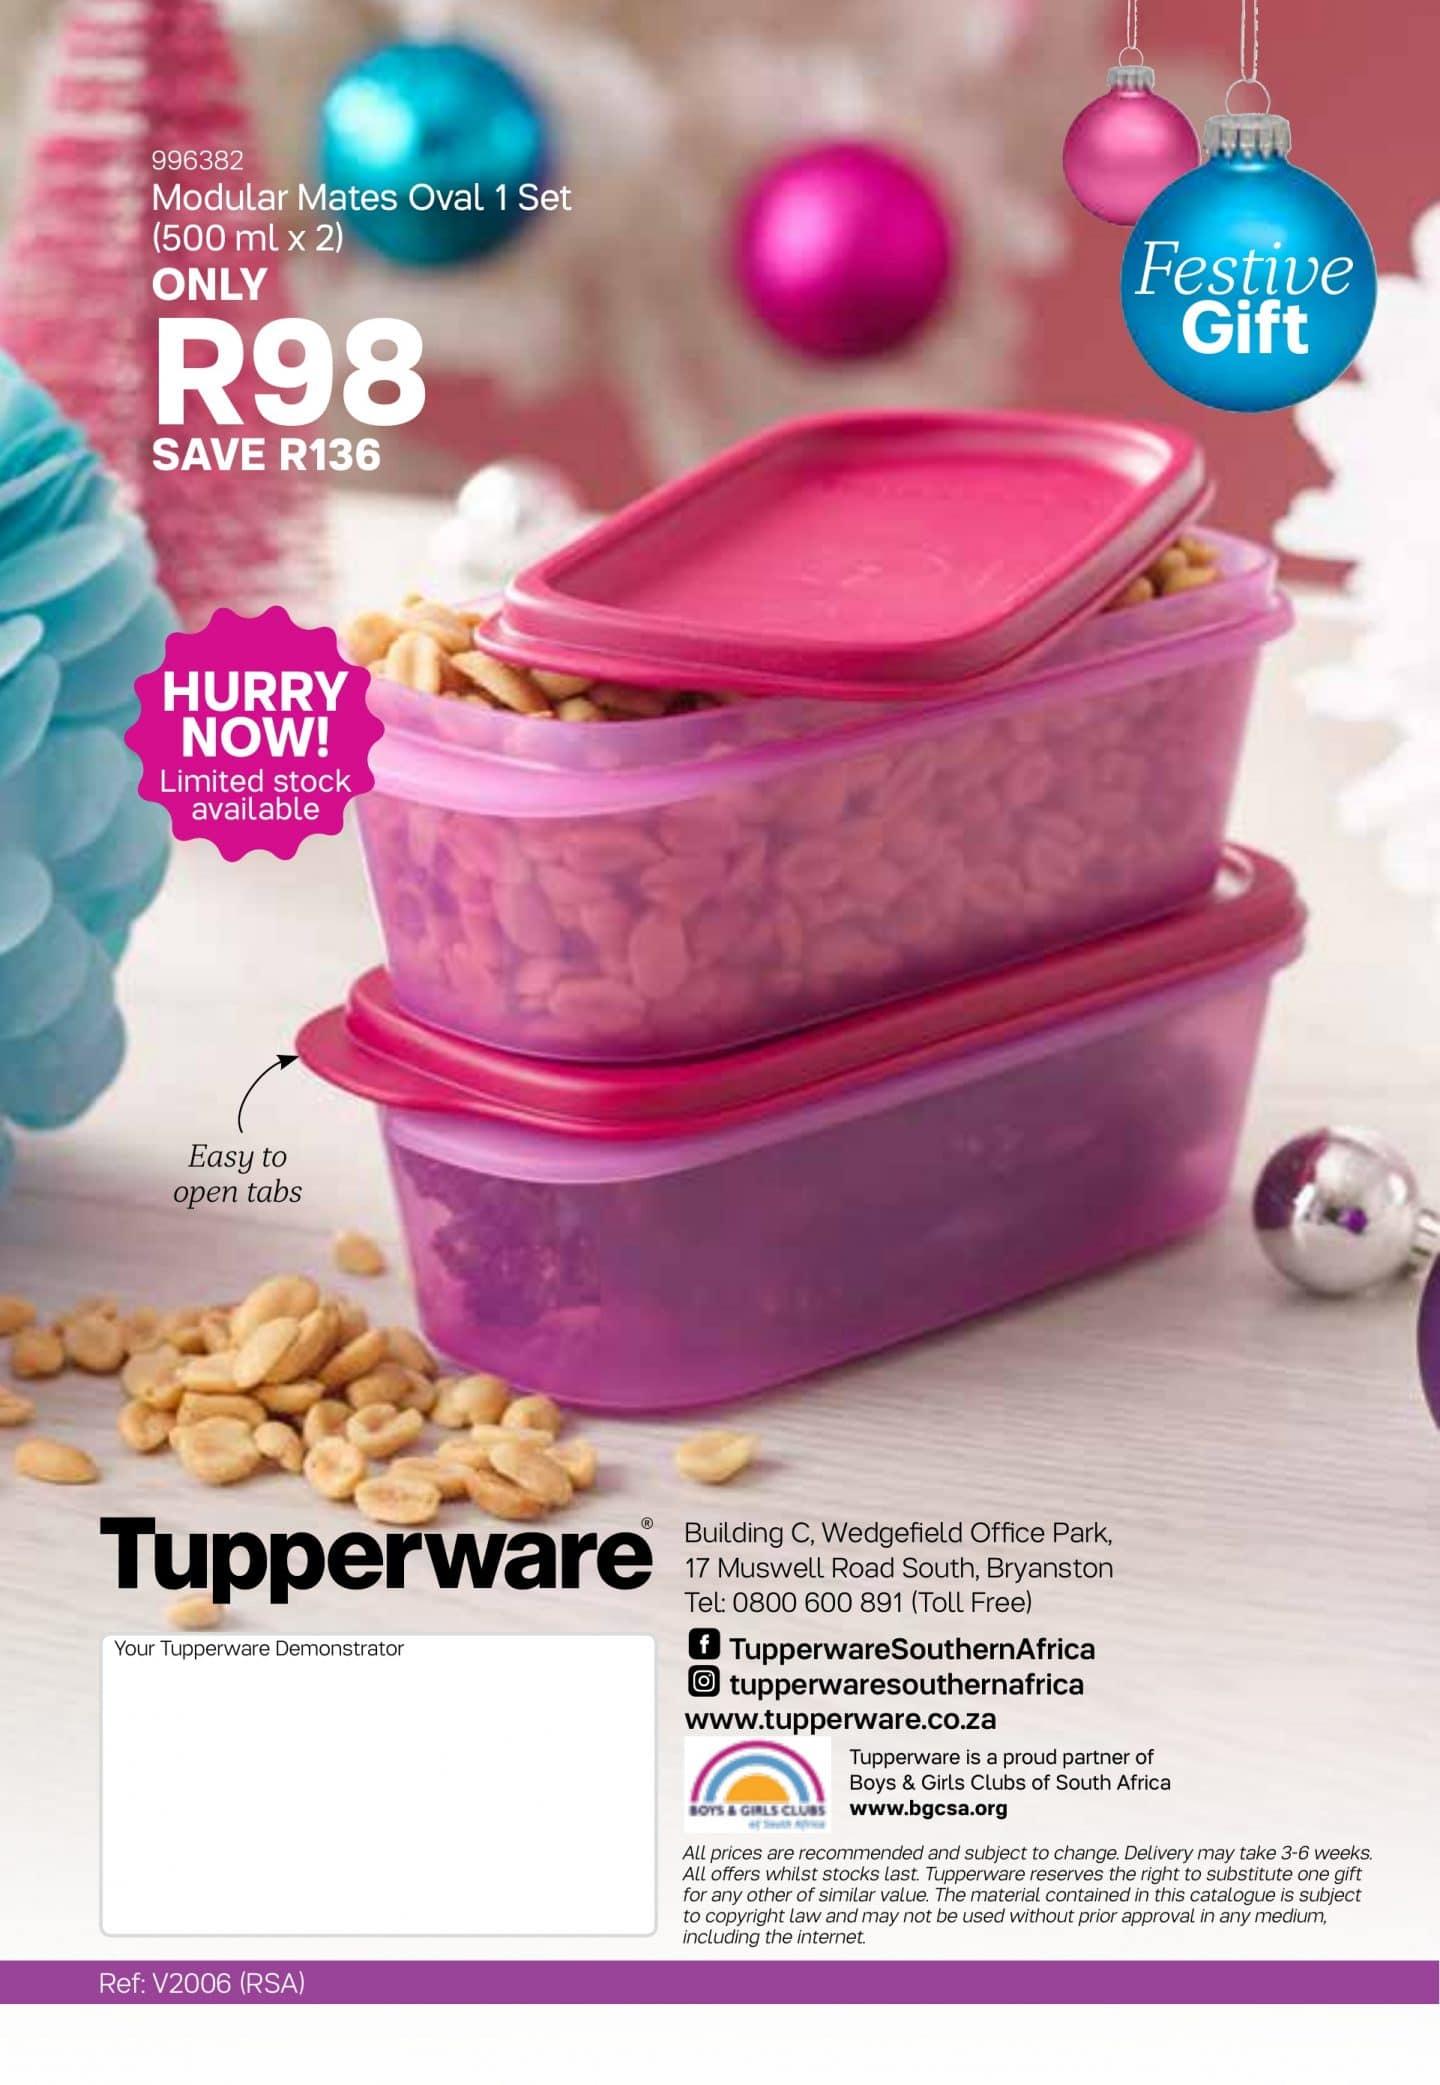 Tupperware Specials 6 November - 3 December, 2019